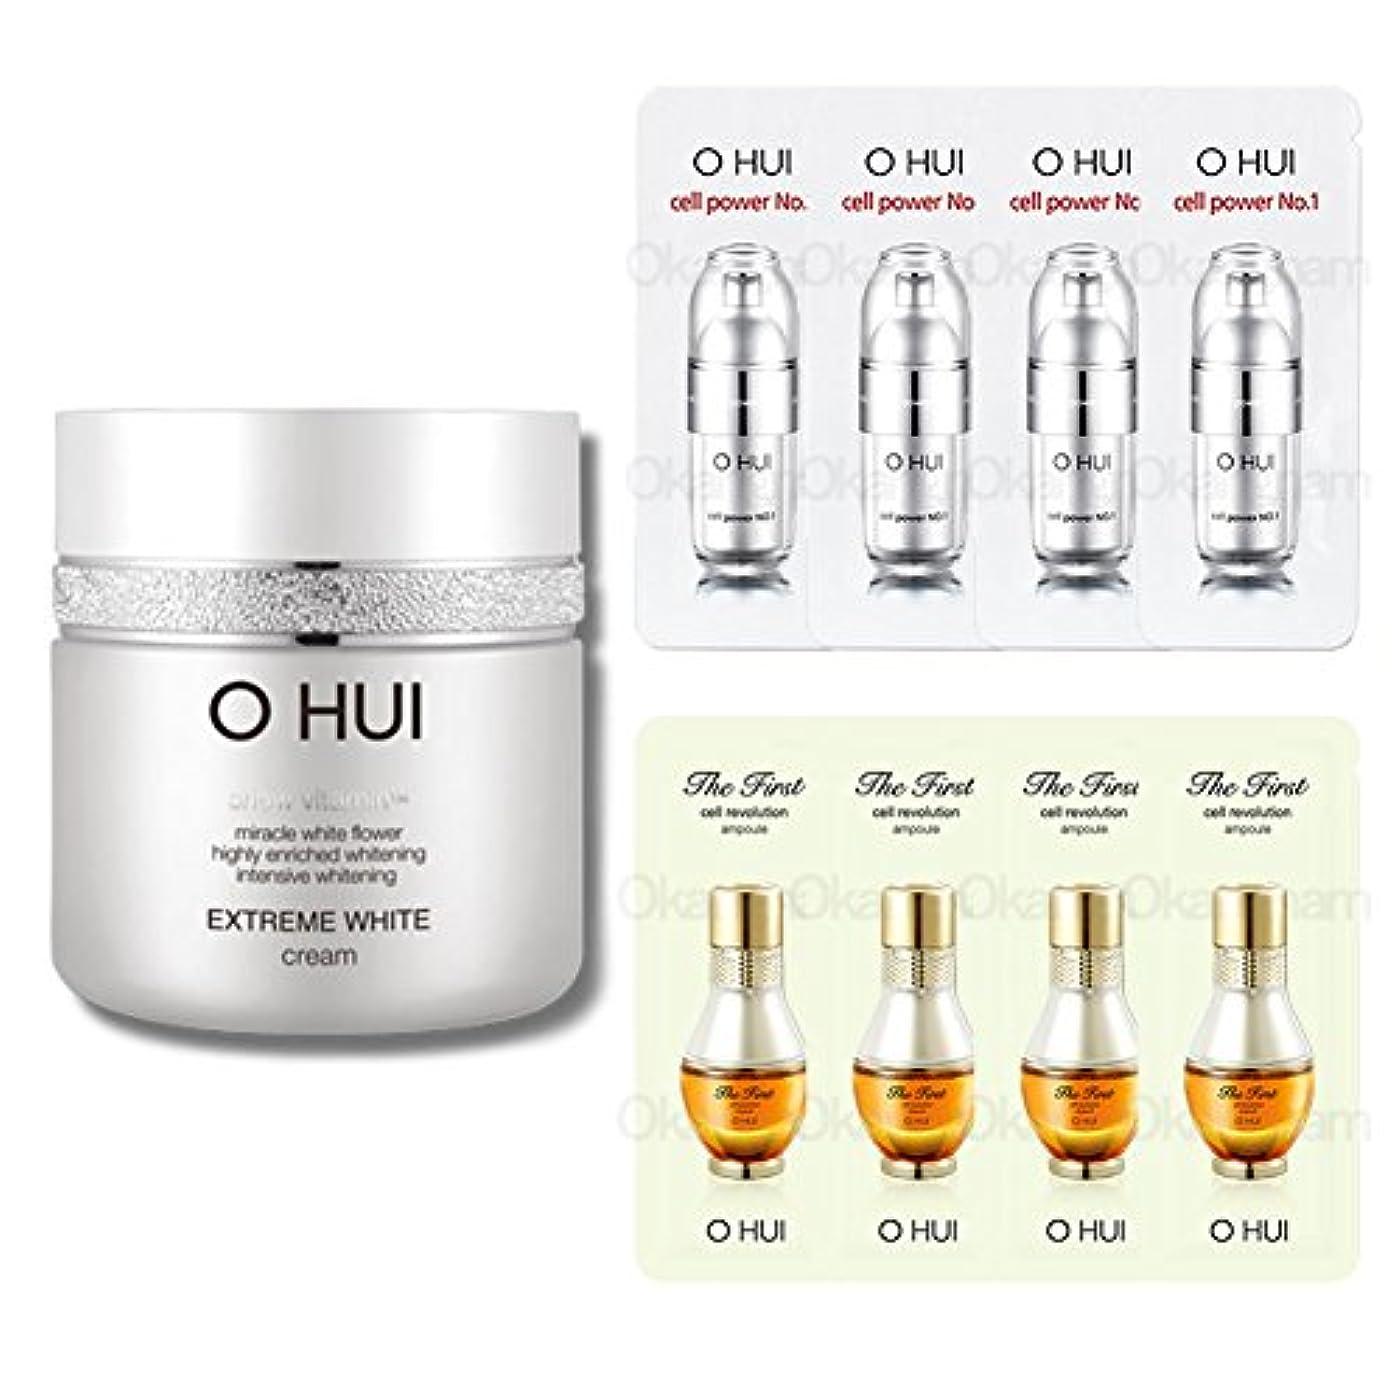 排除投資する性交[オフィ/ O HUI]韓国化粧品 LG生活健康/ OHUI OEW04 EXTREME WHITE CREAM/オフィ エクストリーム ホワイトクリーム 50ml +[Sample Gift](海外直送品)